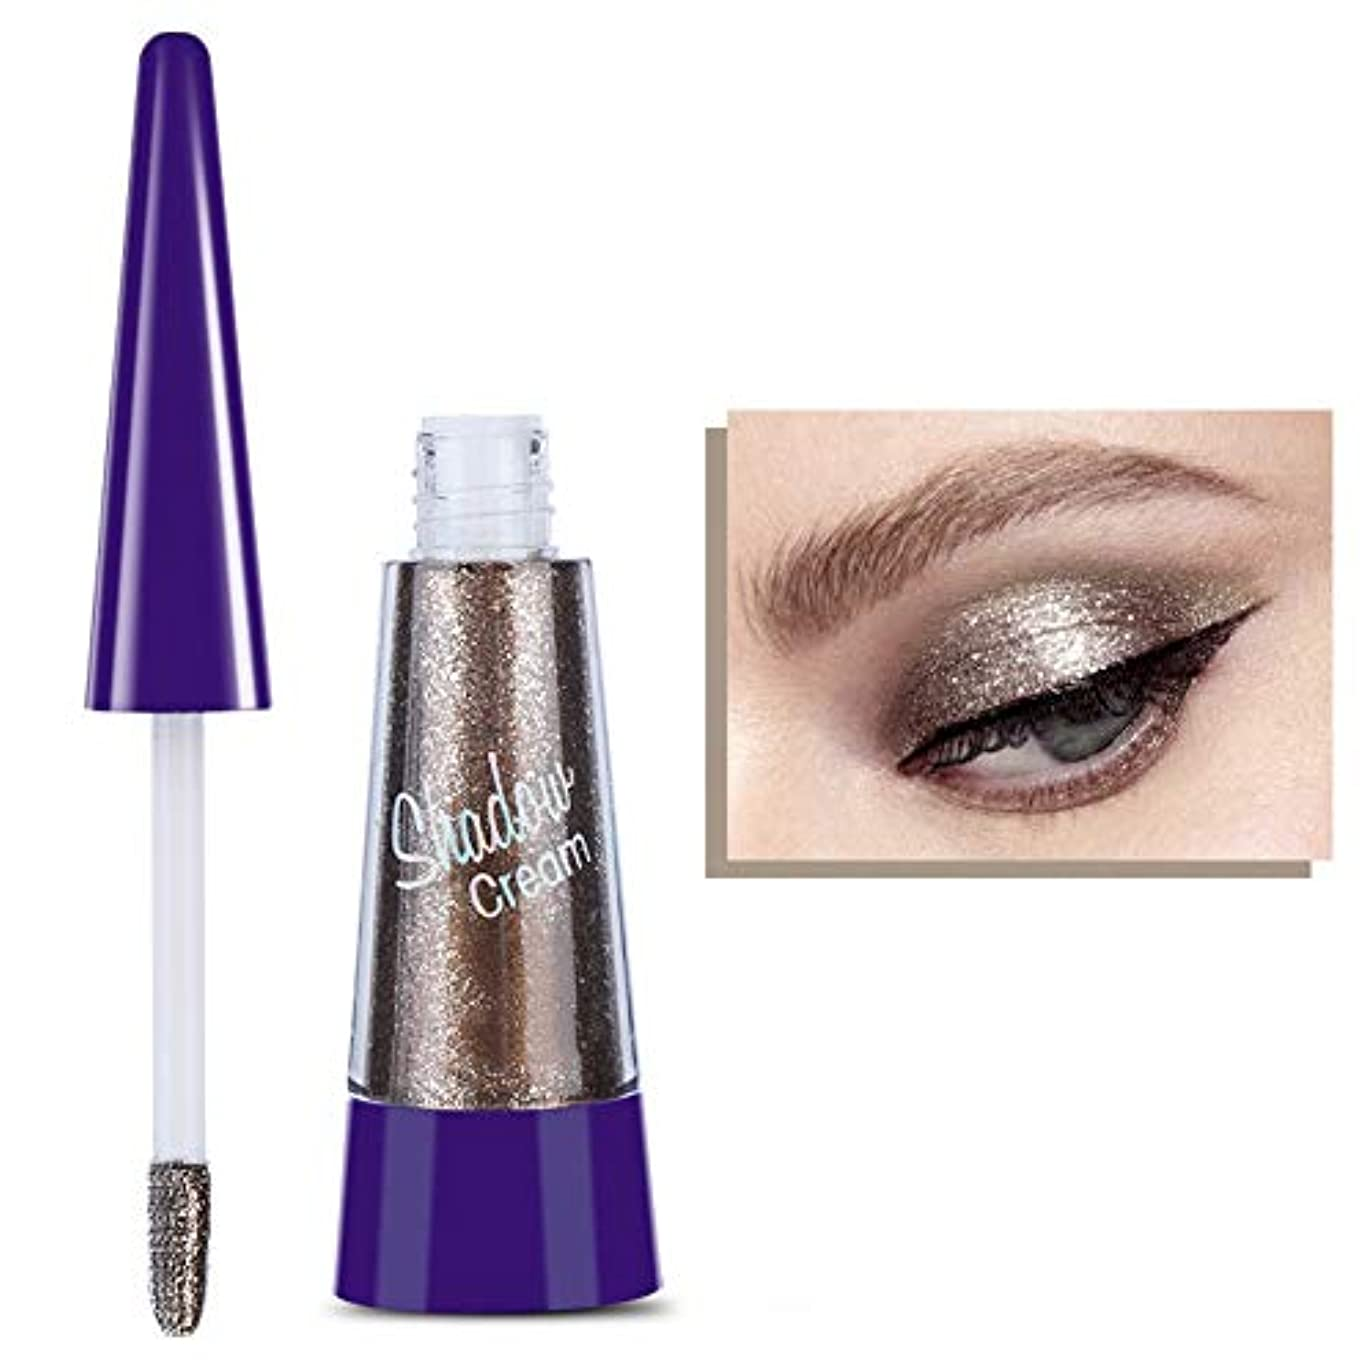 ピンク変える側面液体光沢アイシャドウ、目のための耐久性のある防水化粧品、華やかなアイメイクを作成する、ショッピングや会議やパーティーに適している(02)